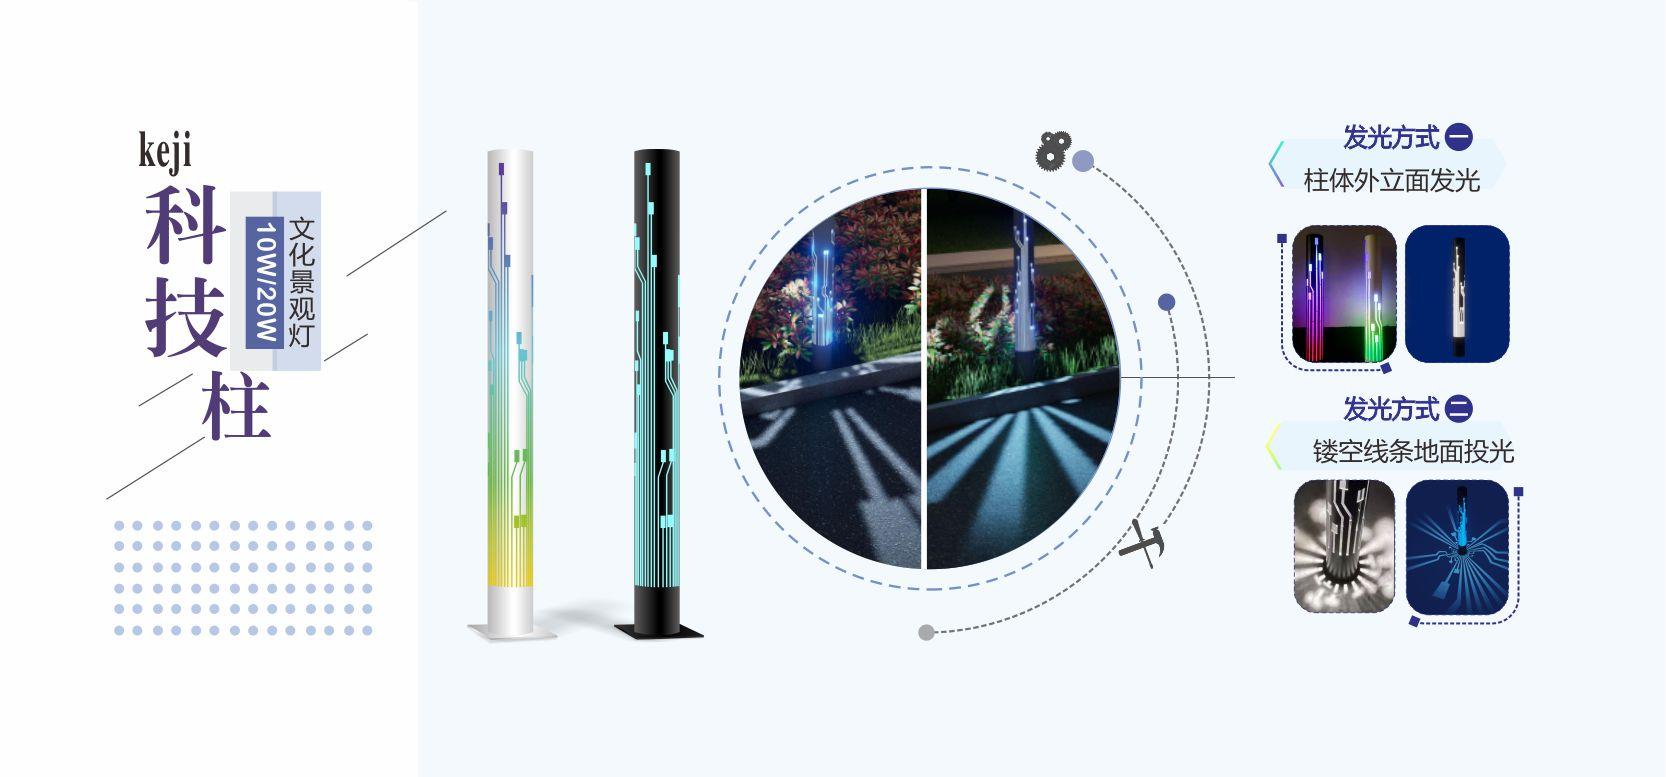 新品-科技柱